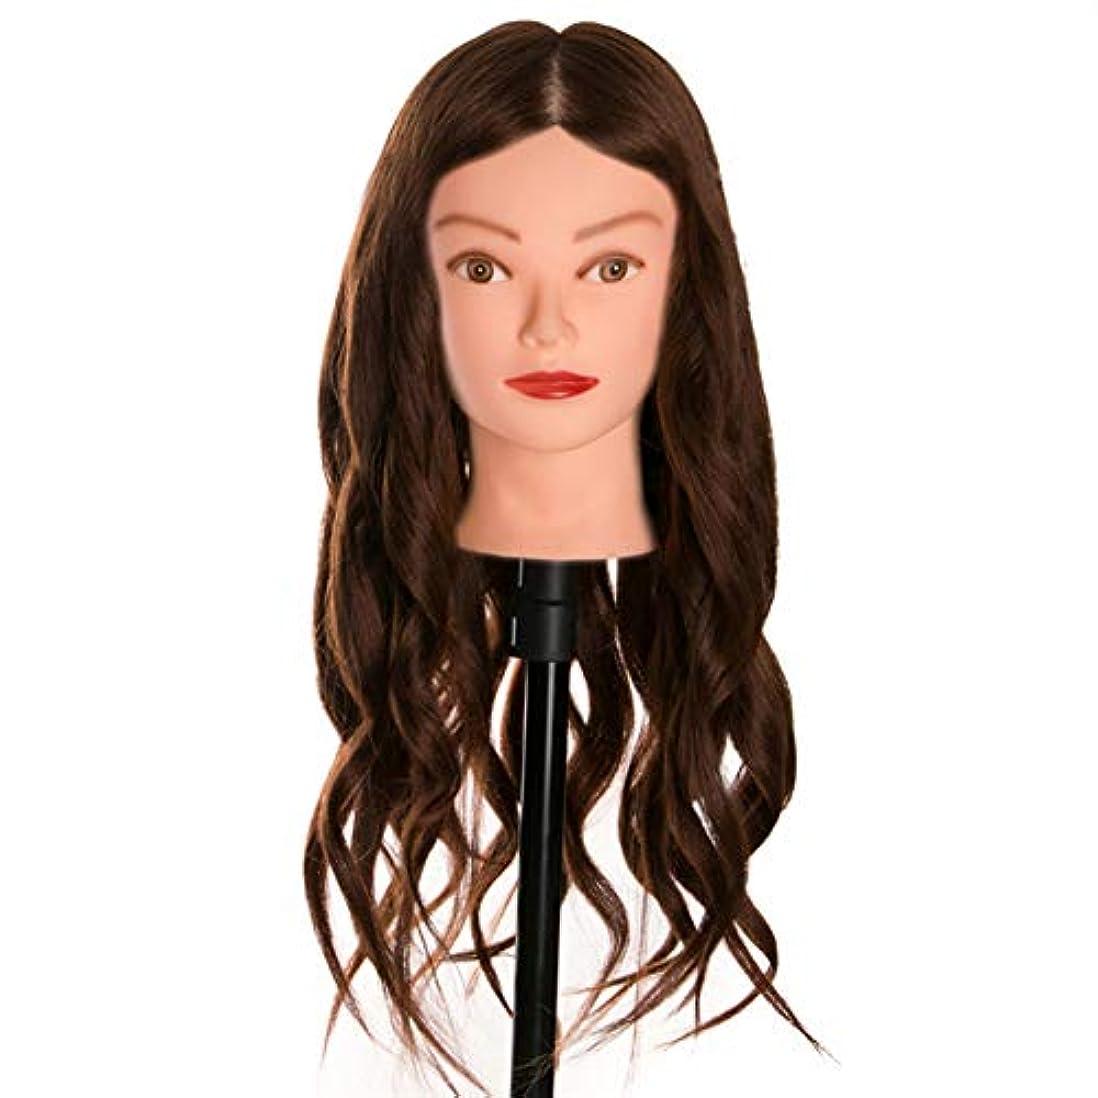 栄養リズム民兵理髪サロンエクササイズヘッド金型メイクディスクヘアスタイリング編み教育ダミーヘッドヘアカットトレーニングかつら金型3個